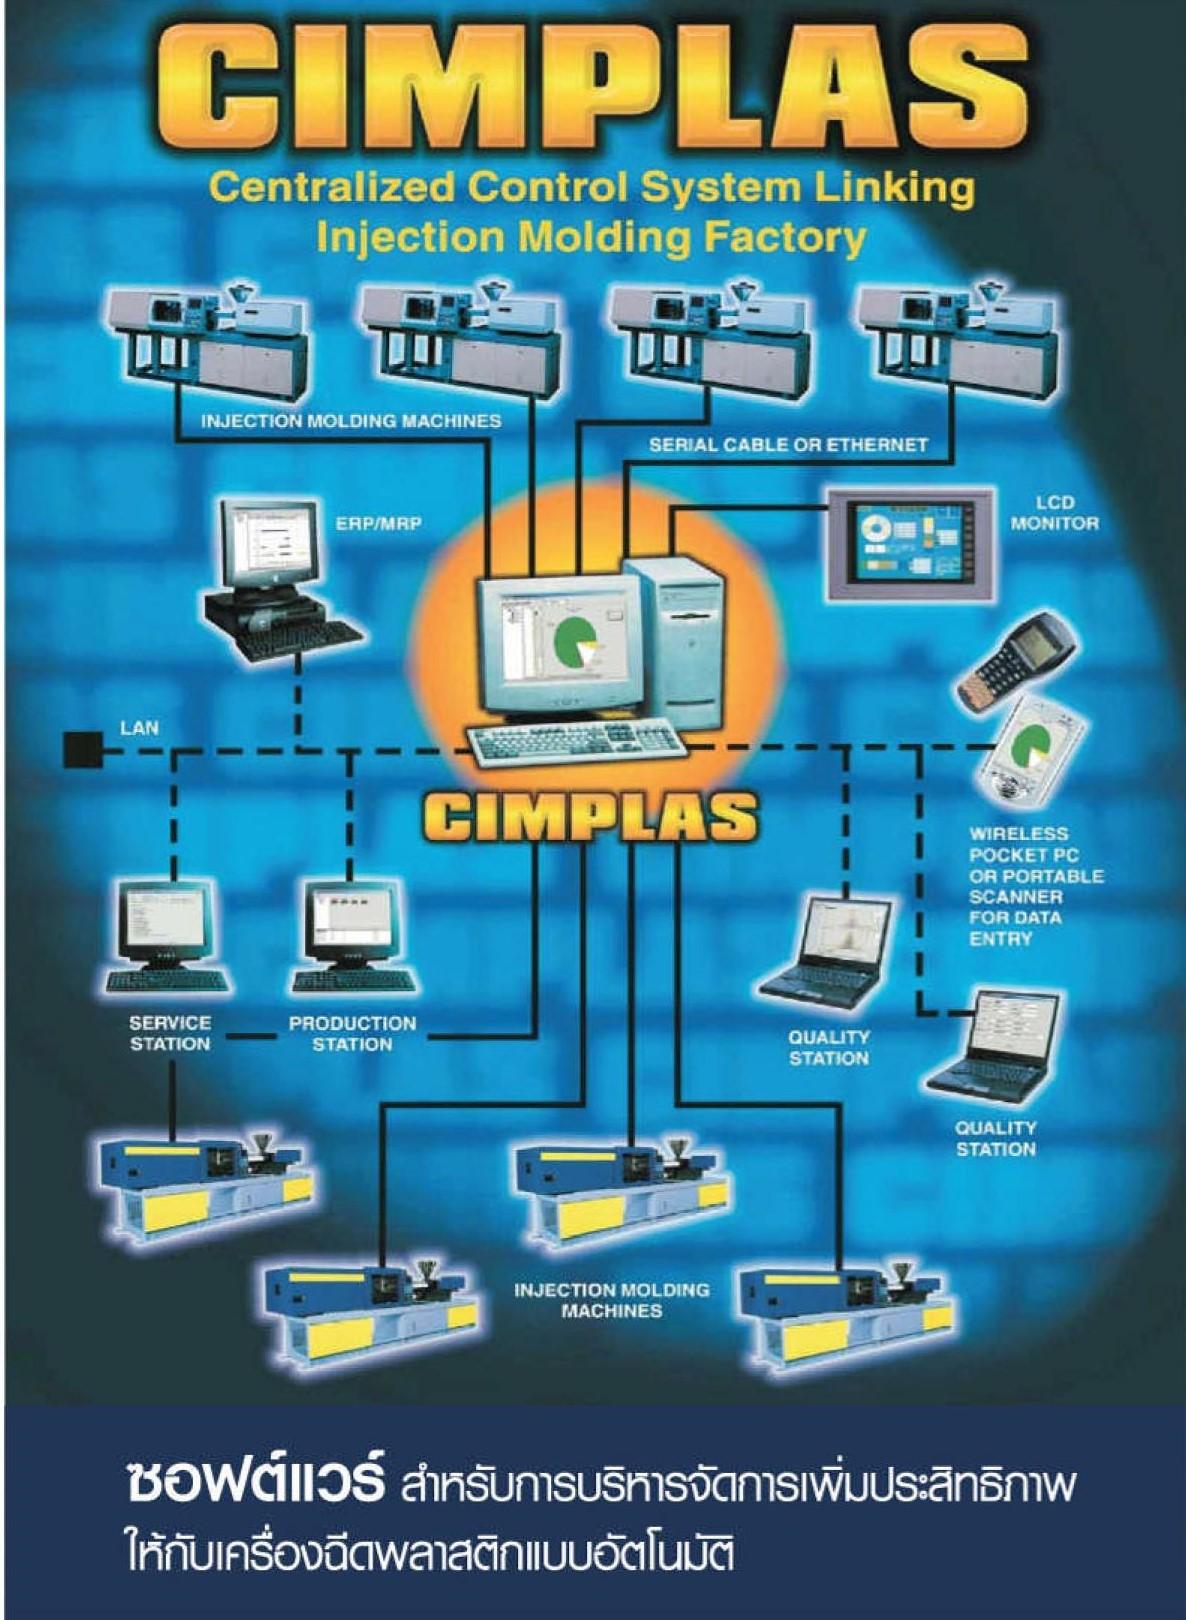 Cimplas